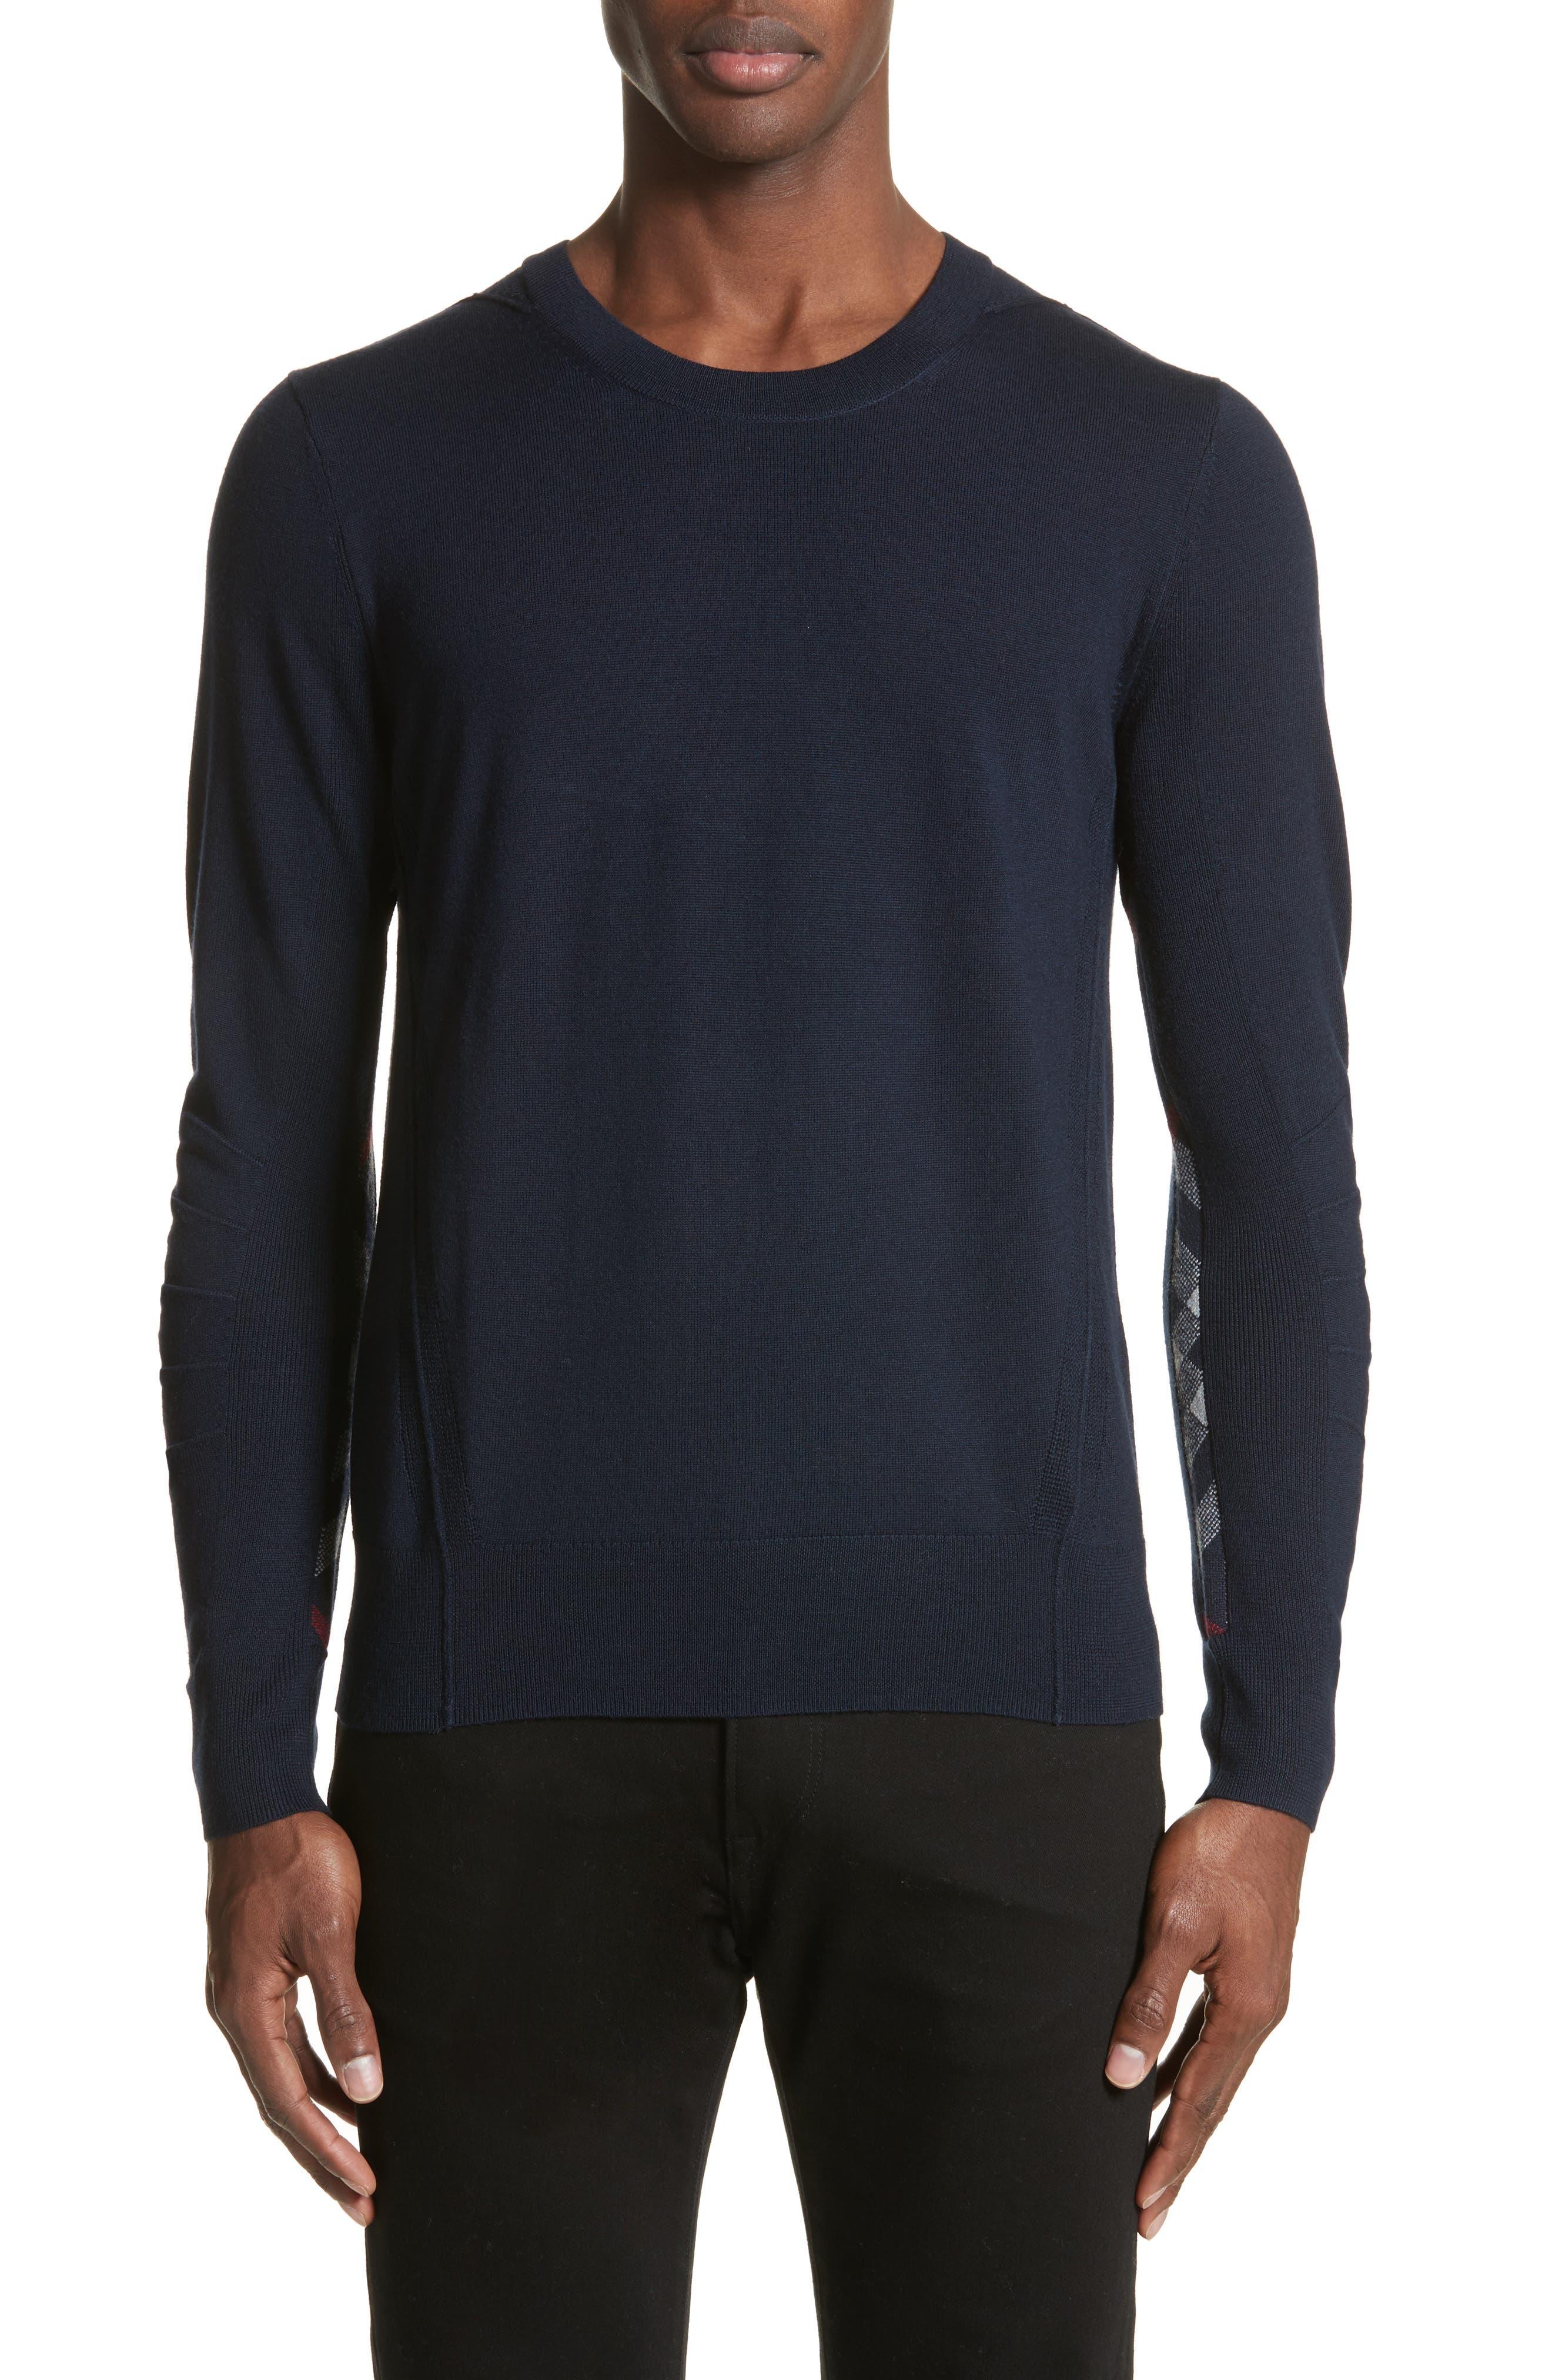 Men's Crewneck Sweaters | Nordstrom